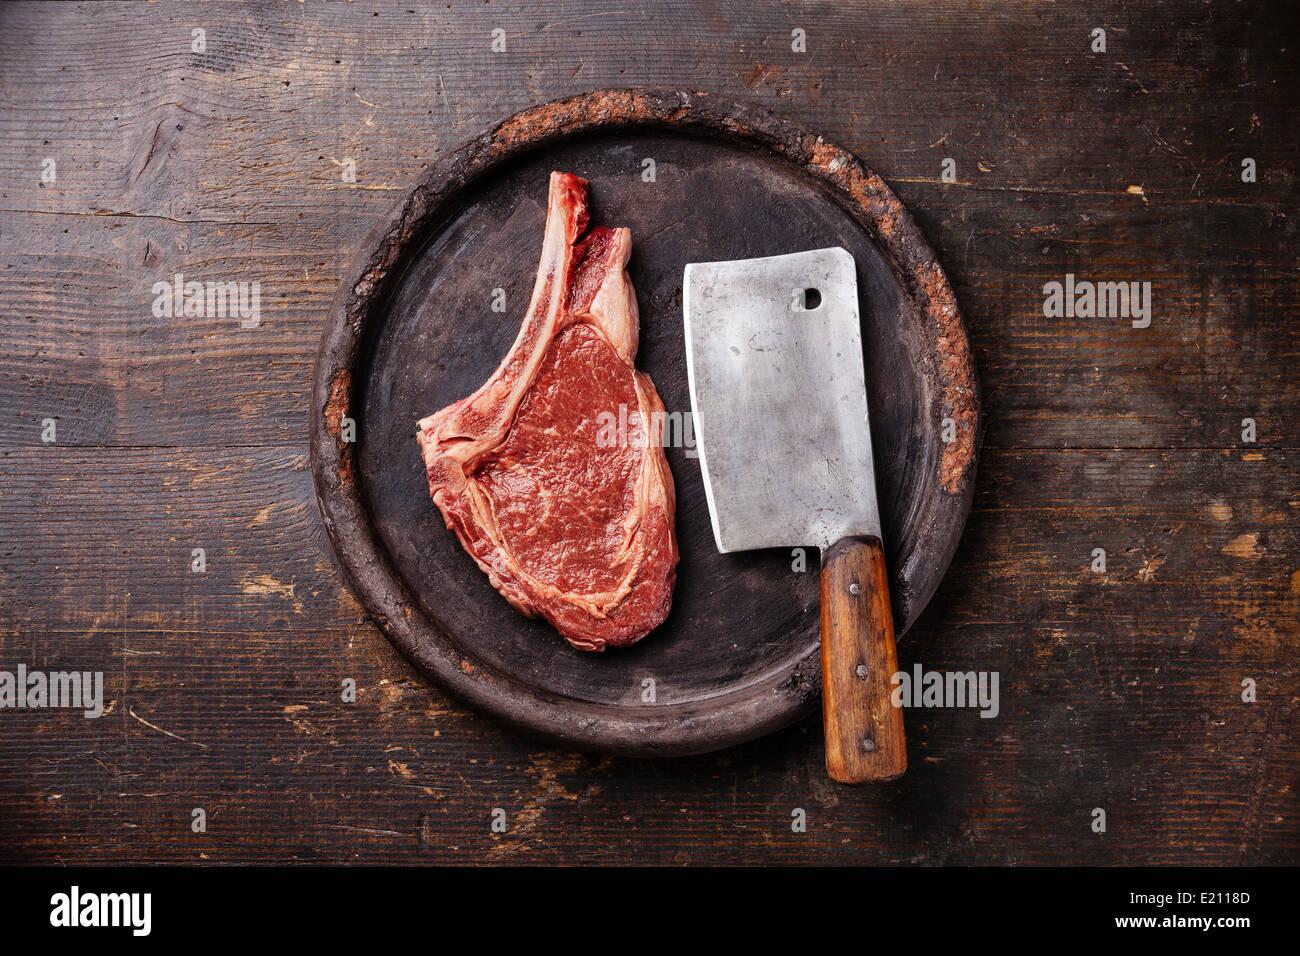 Rohes Frischfleisch Ribeye Steak und Fleischerbeil auf dunklem Hintergrund Stockbild